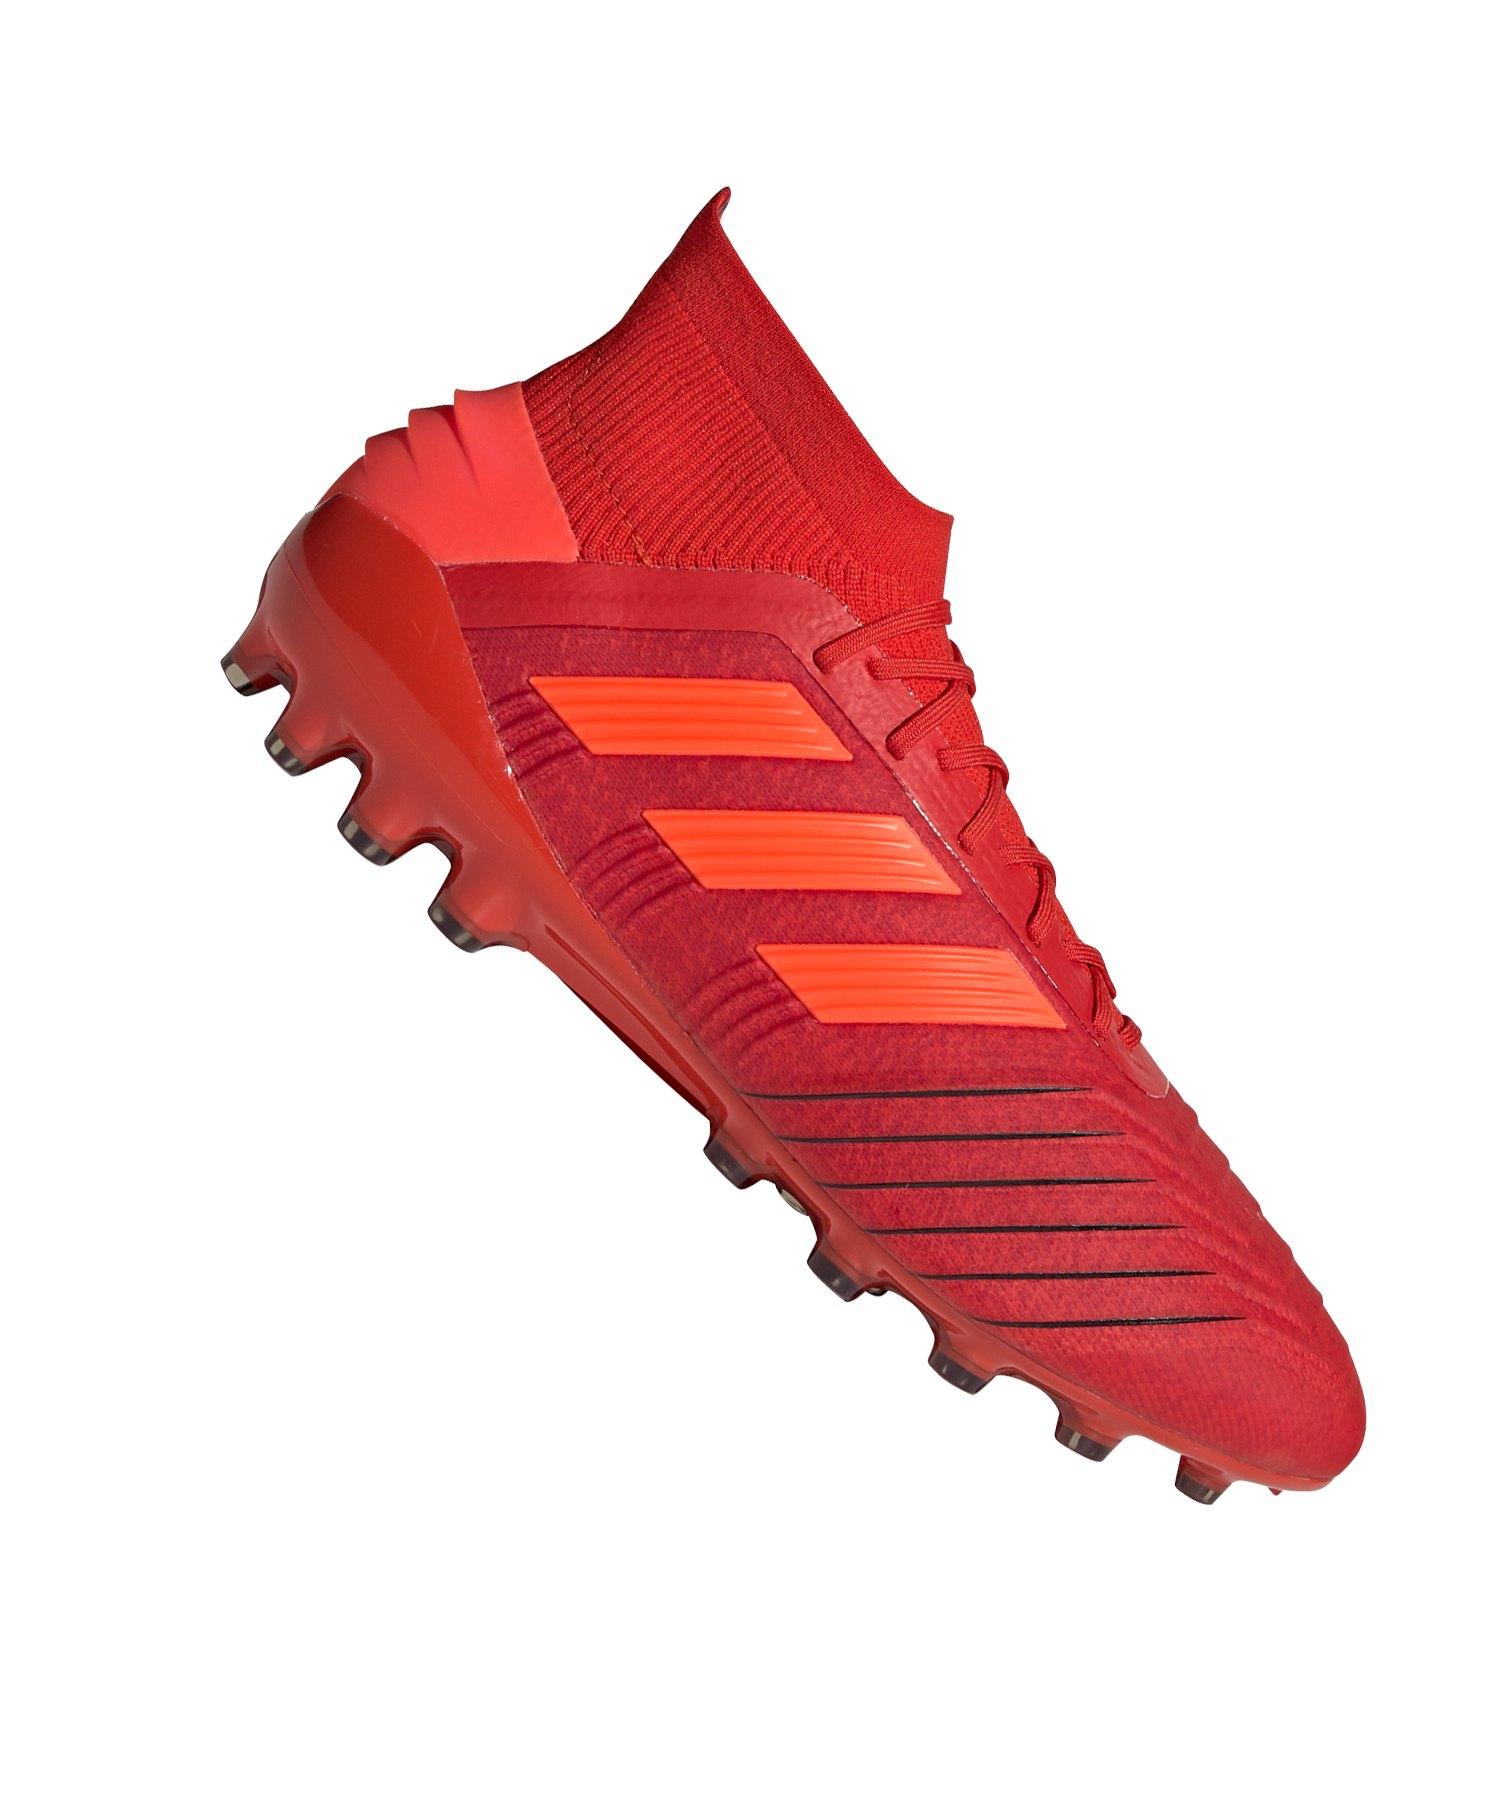 adidas Performance Herren Fußballschuhe Kunstrasen Predator 19.1 AG